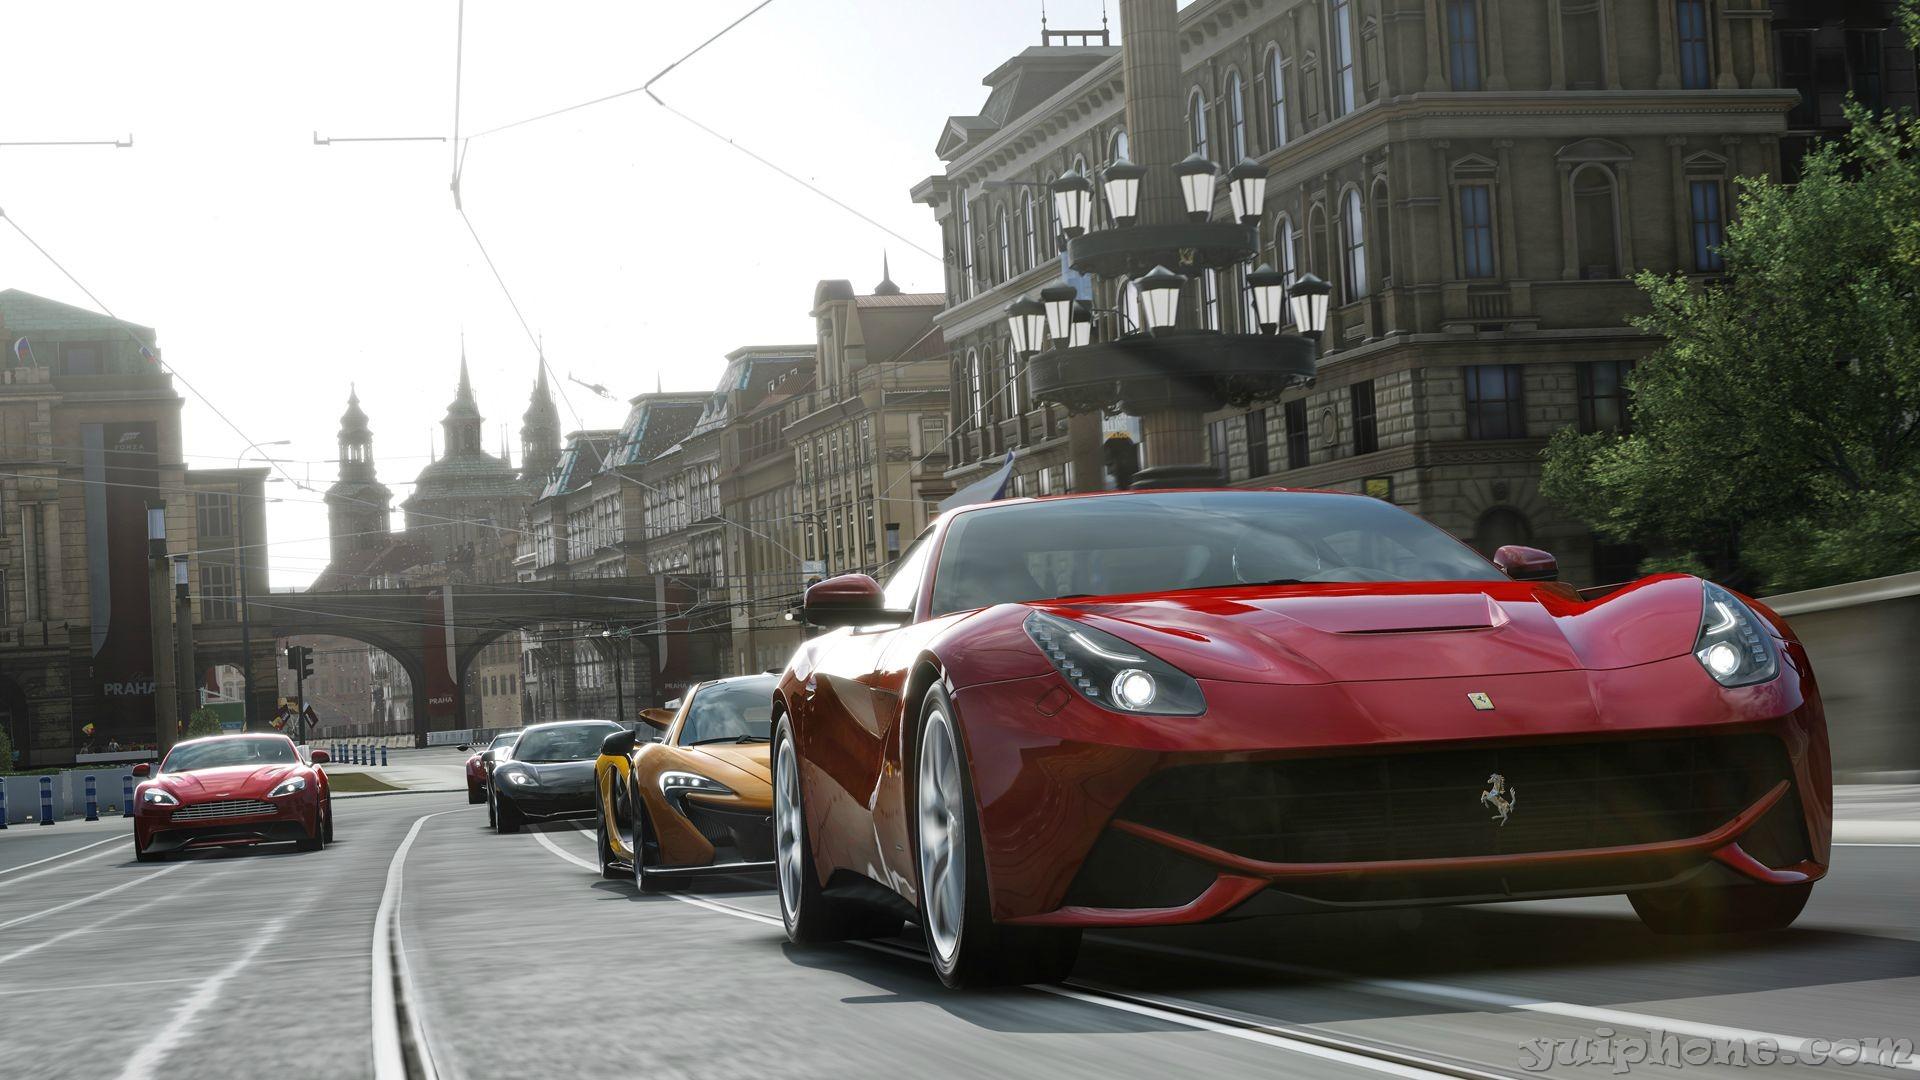 Forza Motorsport 5 Computer Wallpapers Desktop Backgrounds 1920x1080